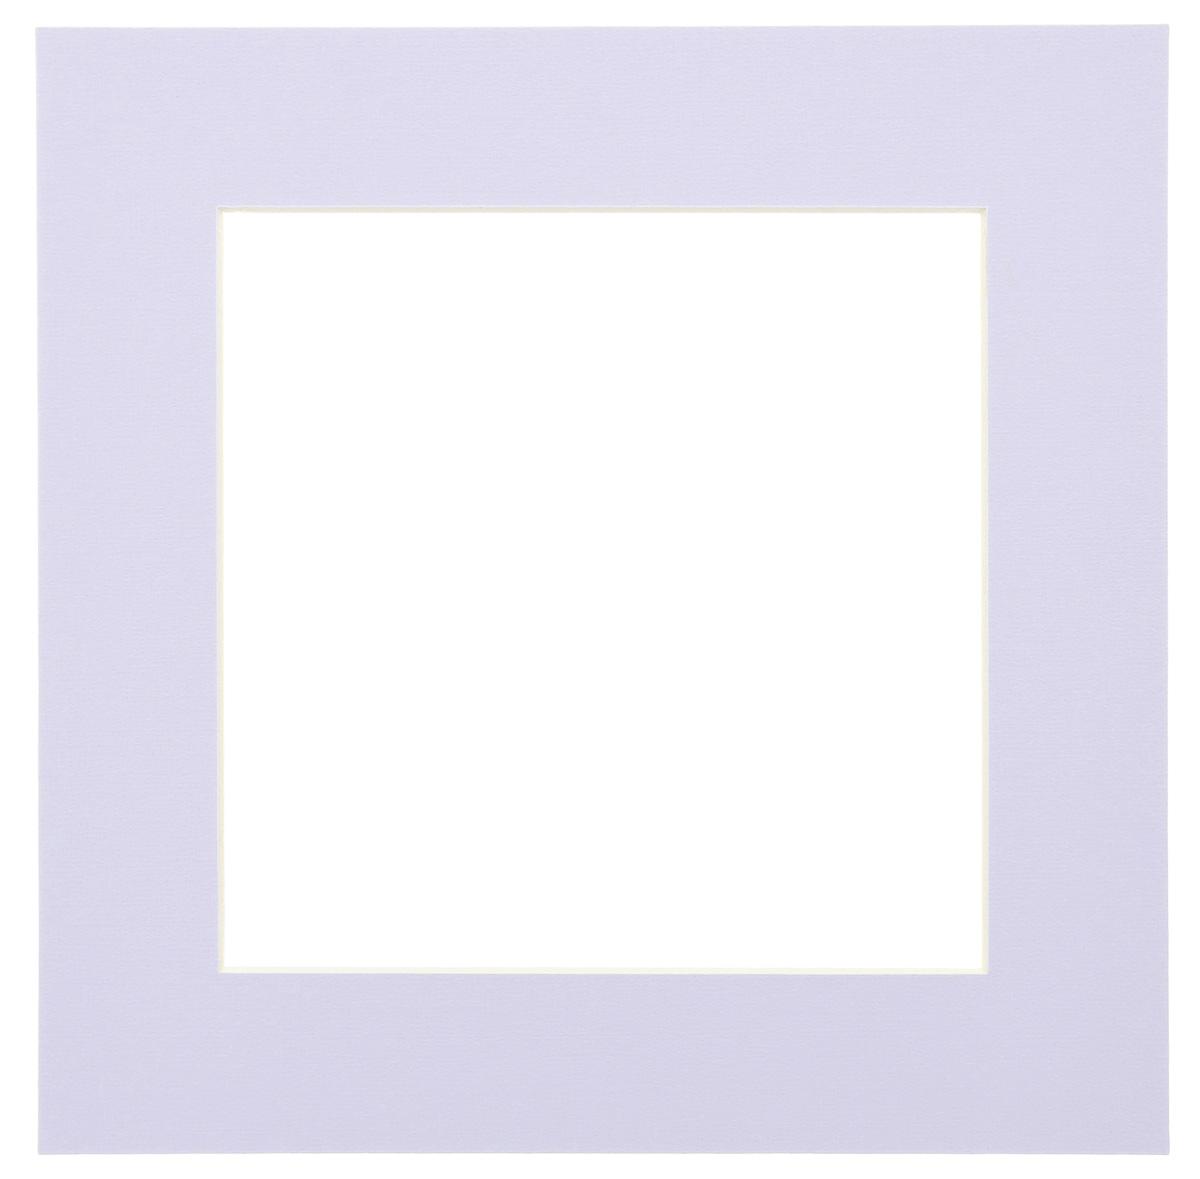 Паспарту Василиса, цвет: светло-сиреневый, 17 х 17 см580643Паспарту Василиса, изготовленное из плотного картона, предназначено для оформления художественных работ и фотографий. Оно располагается между багетной рамой и изображением, делая акцент на фотографии, усиливая ее визуальное восприятие. Кроме того, на паспарту часто располагают поясняющие подписи, автограф изображенного. Внешний размер: 25 см х 25 см. Внутренний размер: 17 см х 17 см.